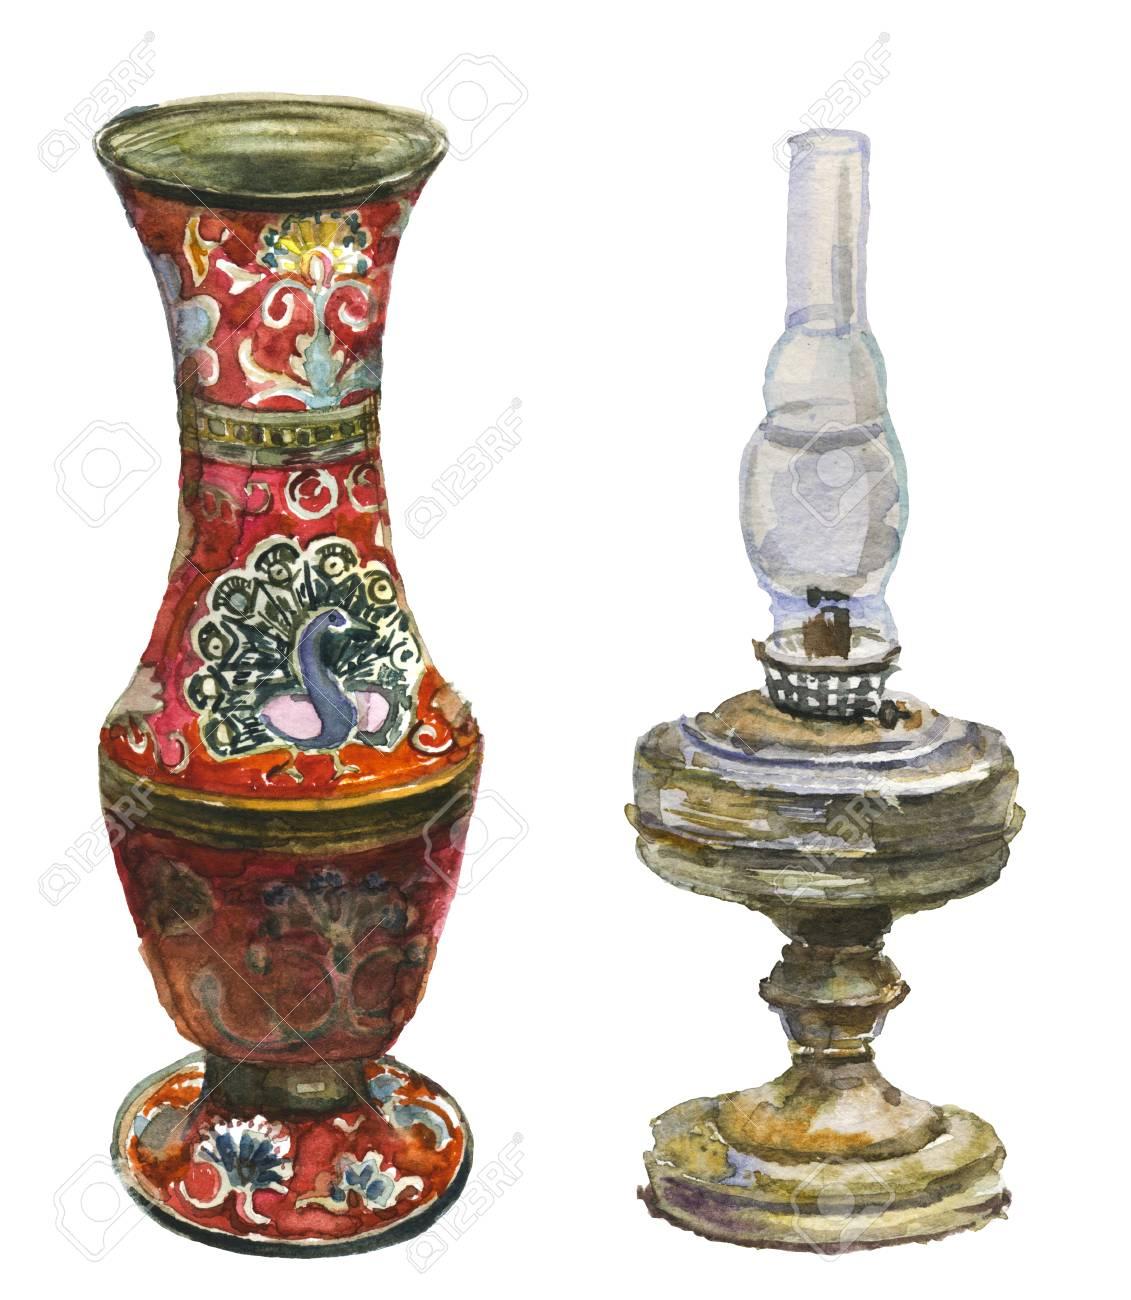 Antique vase and kerosene lamp. Isolated on white Stock Photo - 73536432